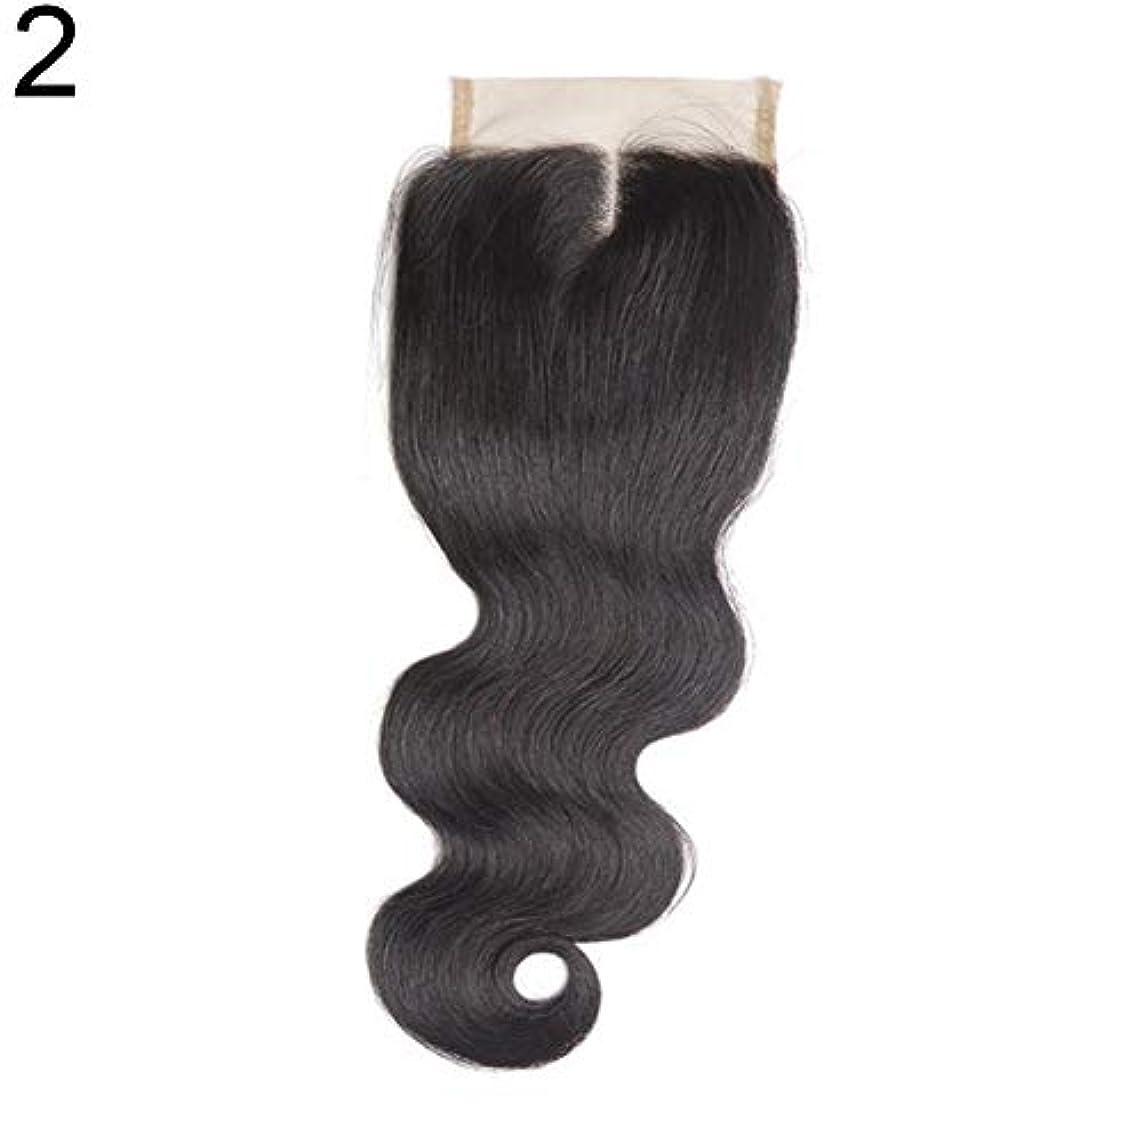 身元スペード寛大なslQinjiansav女性ウィッグ修理ツールブラジルのミドル/フリー/3部人間の髪のレース閉鎖ウィッグ黒ヘアピース